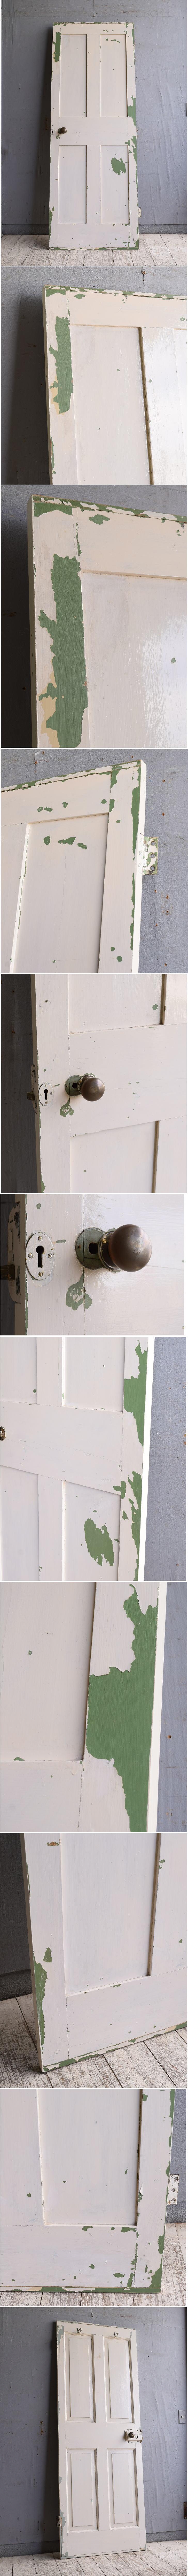 イギリス アンティーク ドア 扉 建具 10162